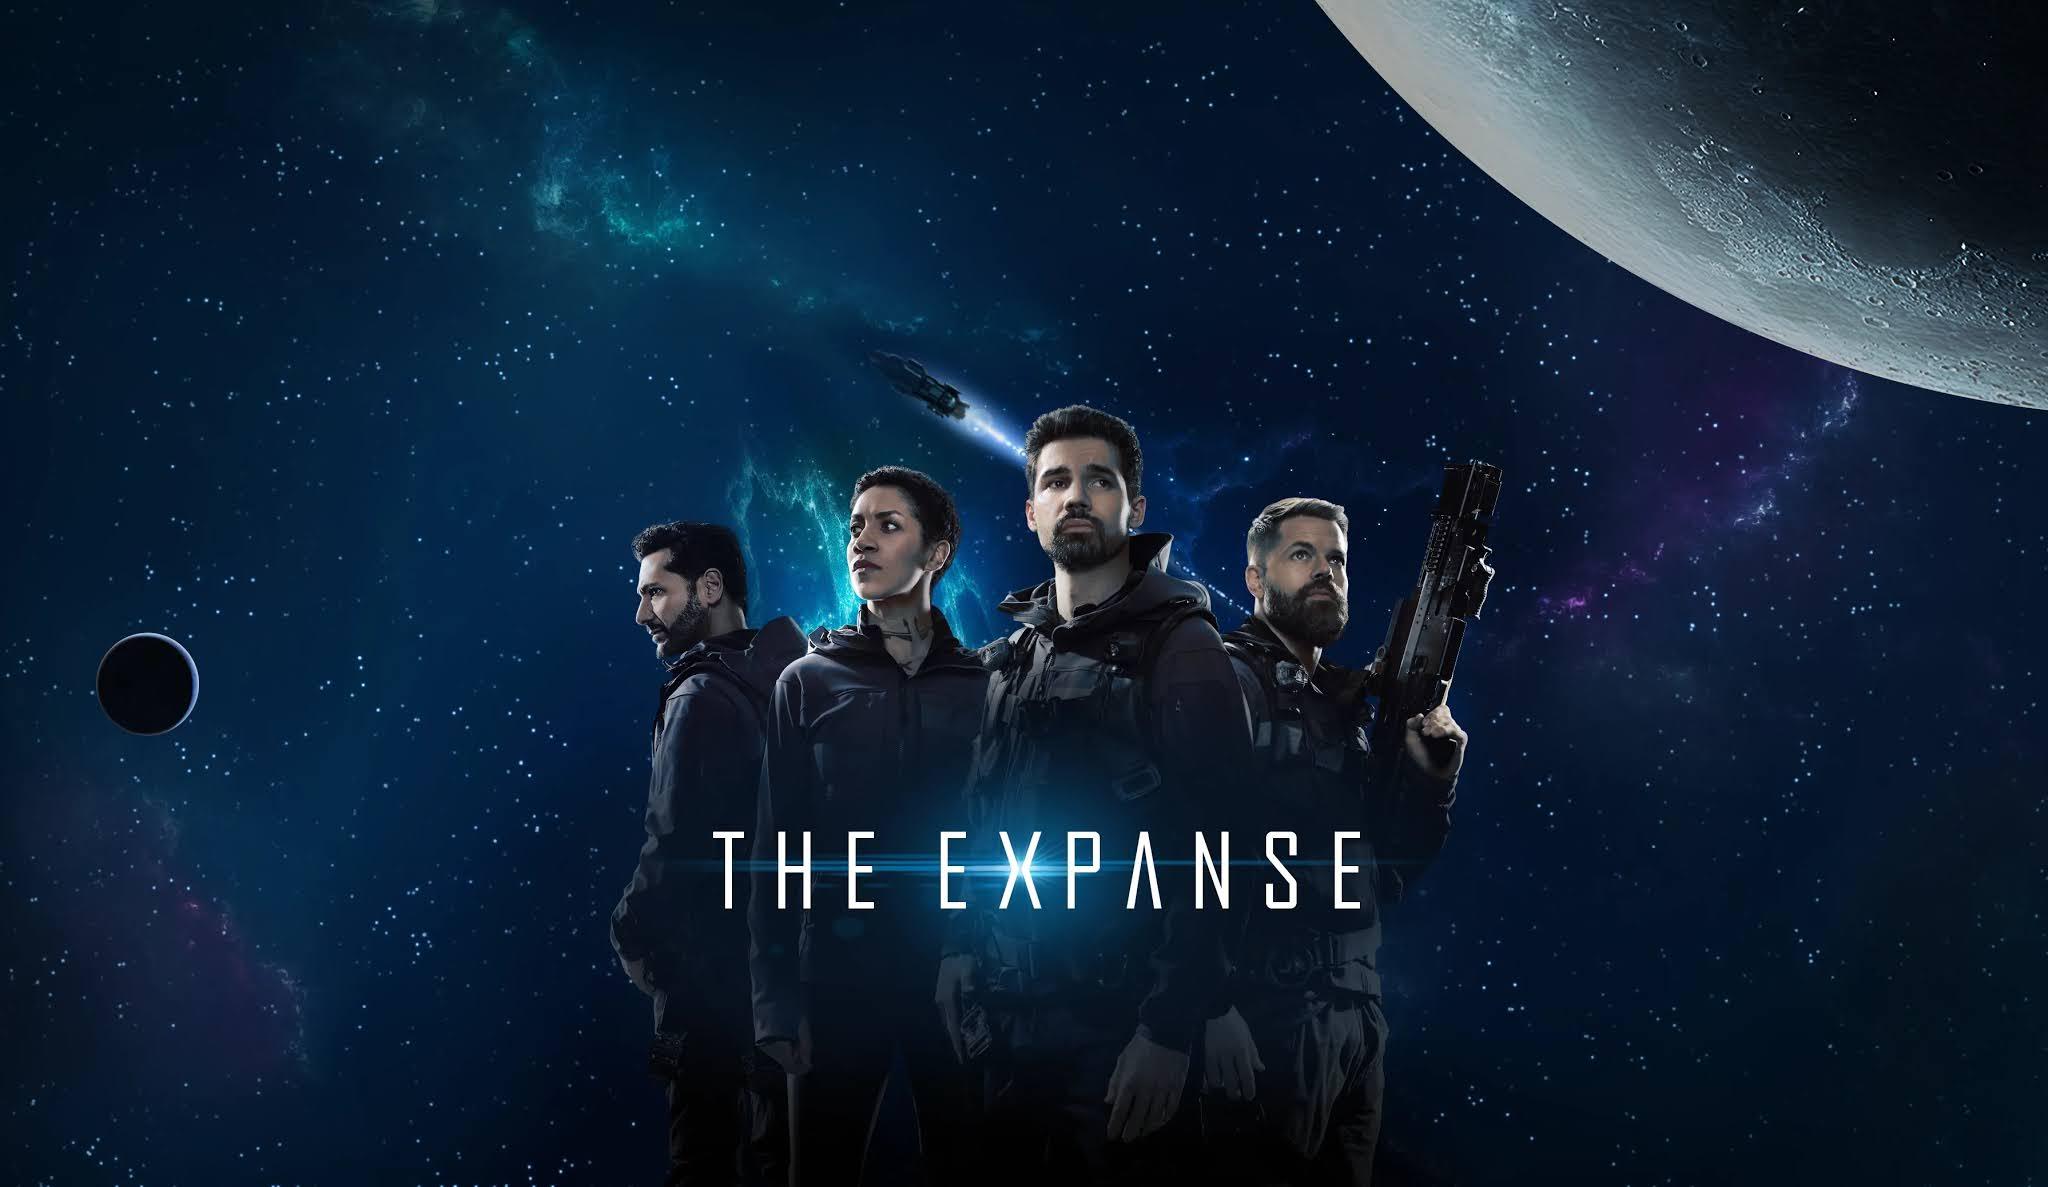 El rodaje de la serie The Expanse